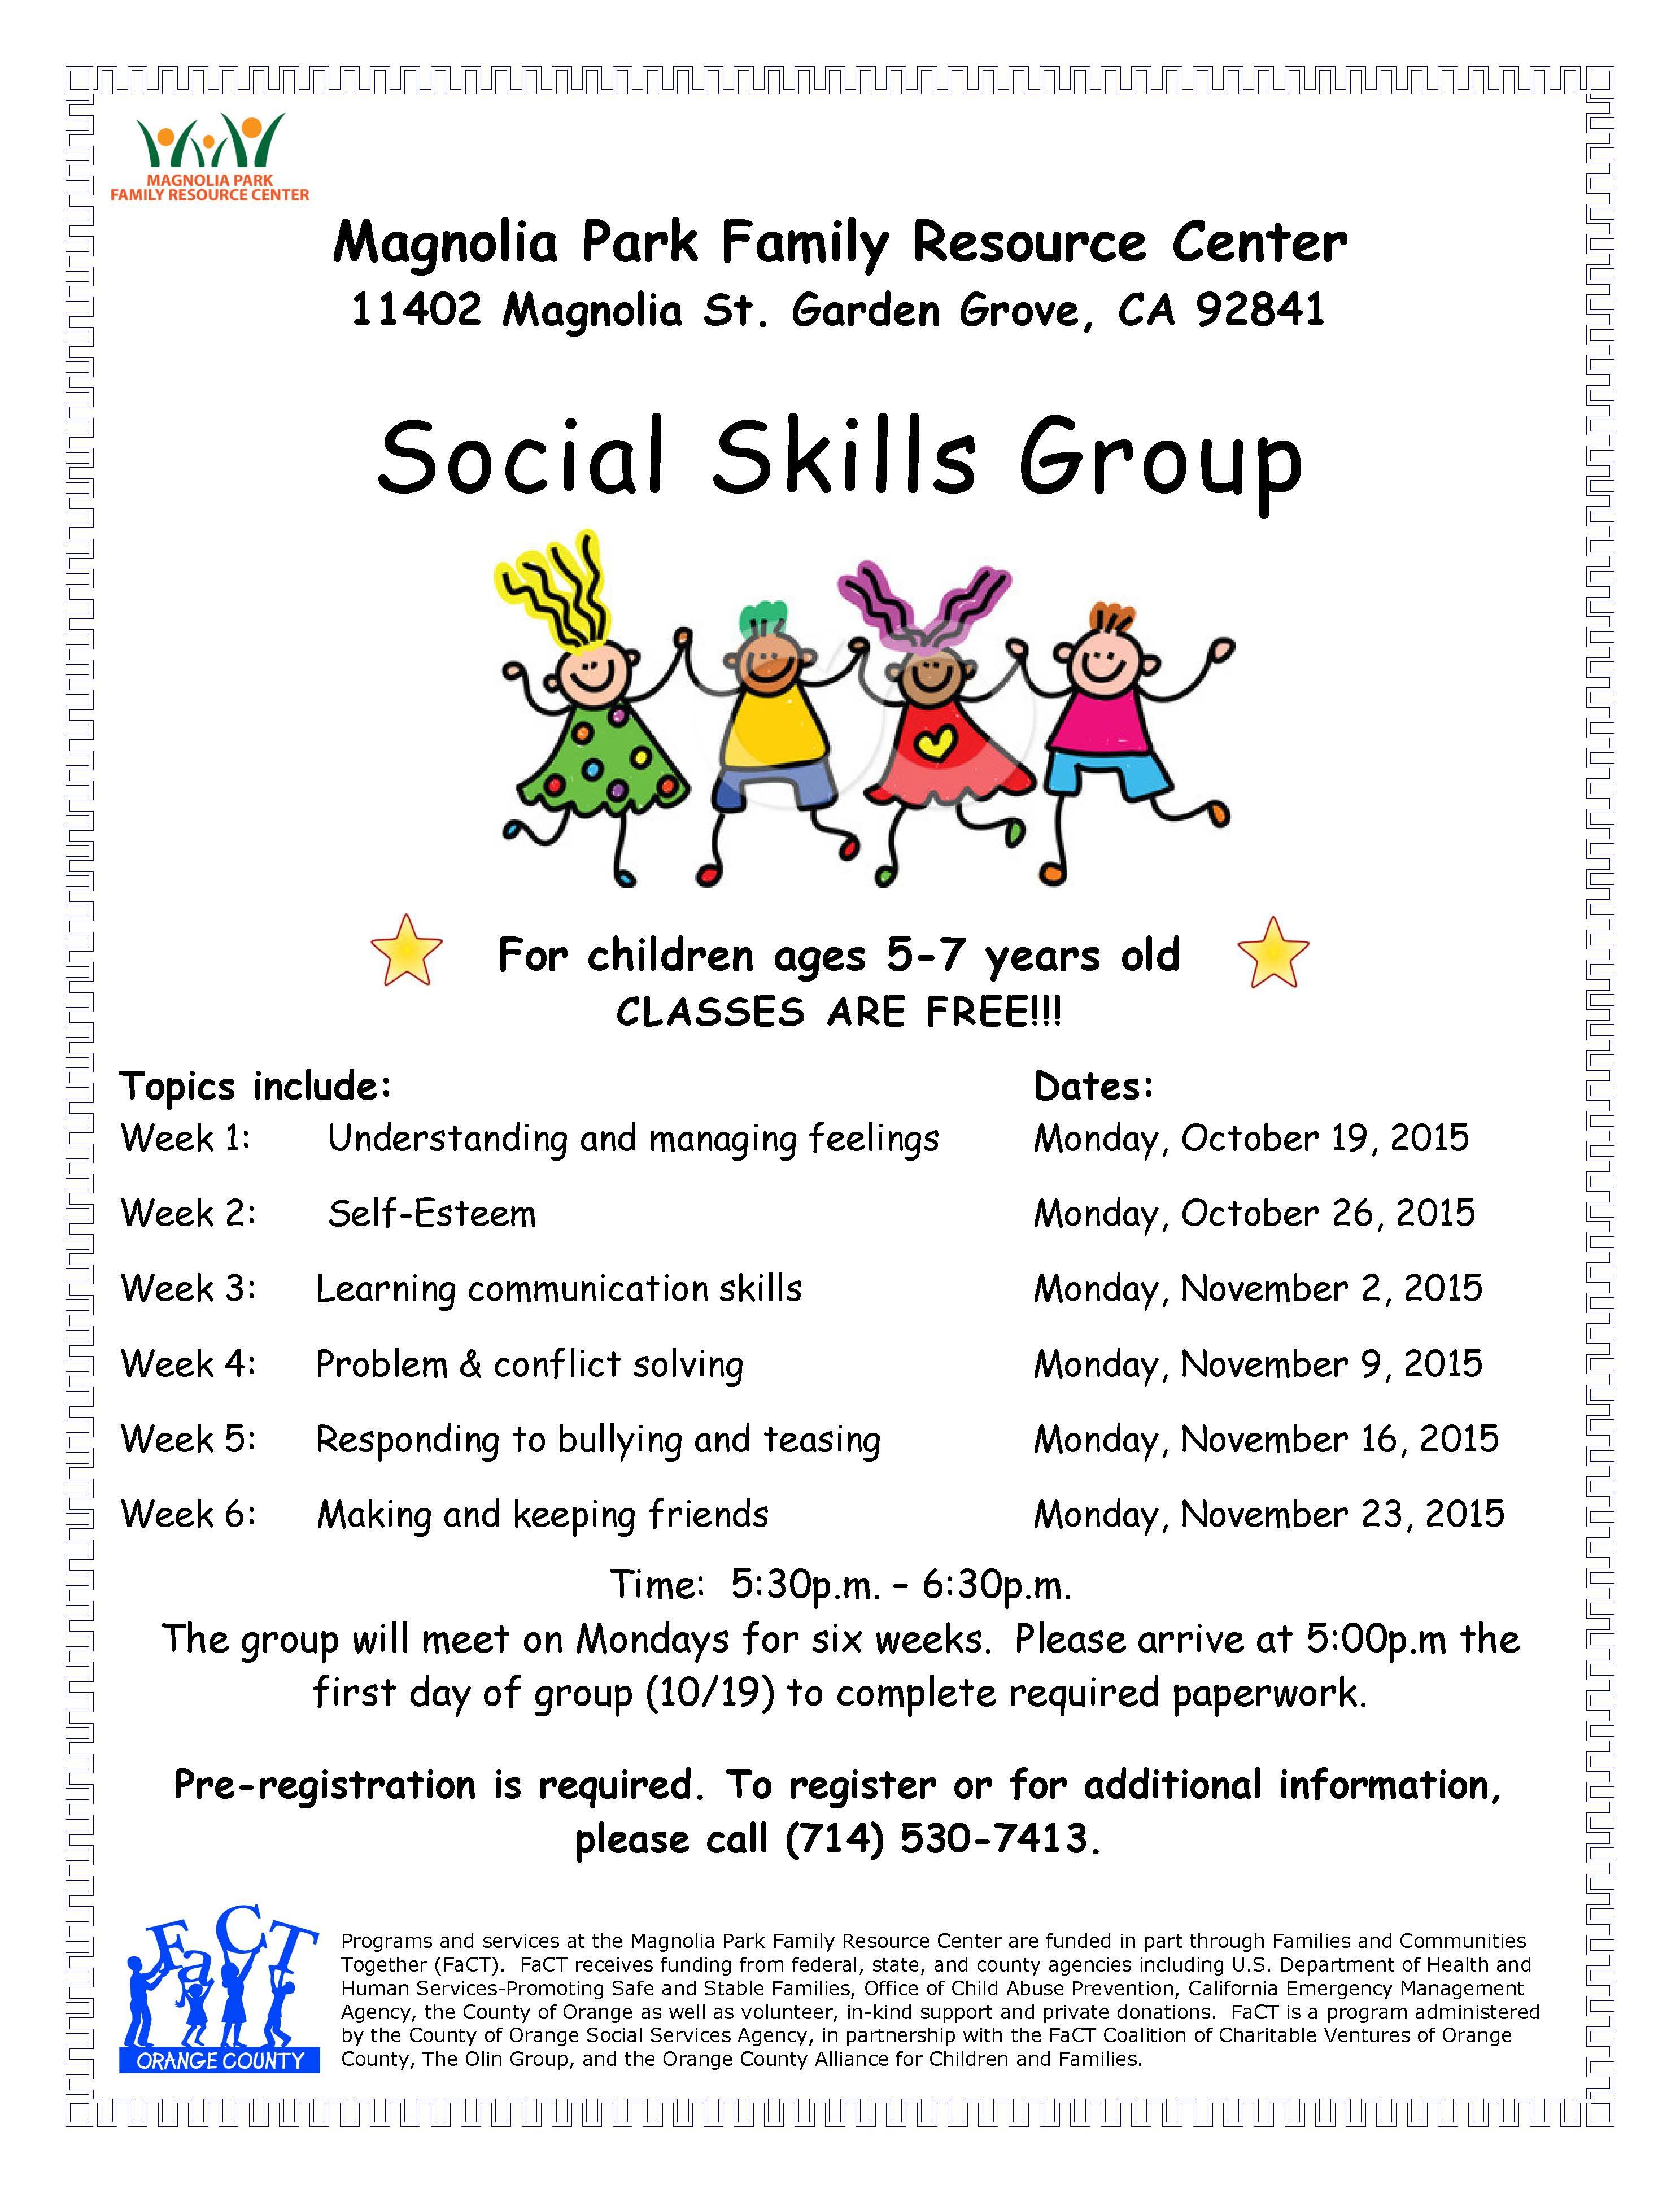 Social Skills Group Classes For Kids